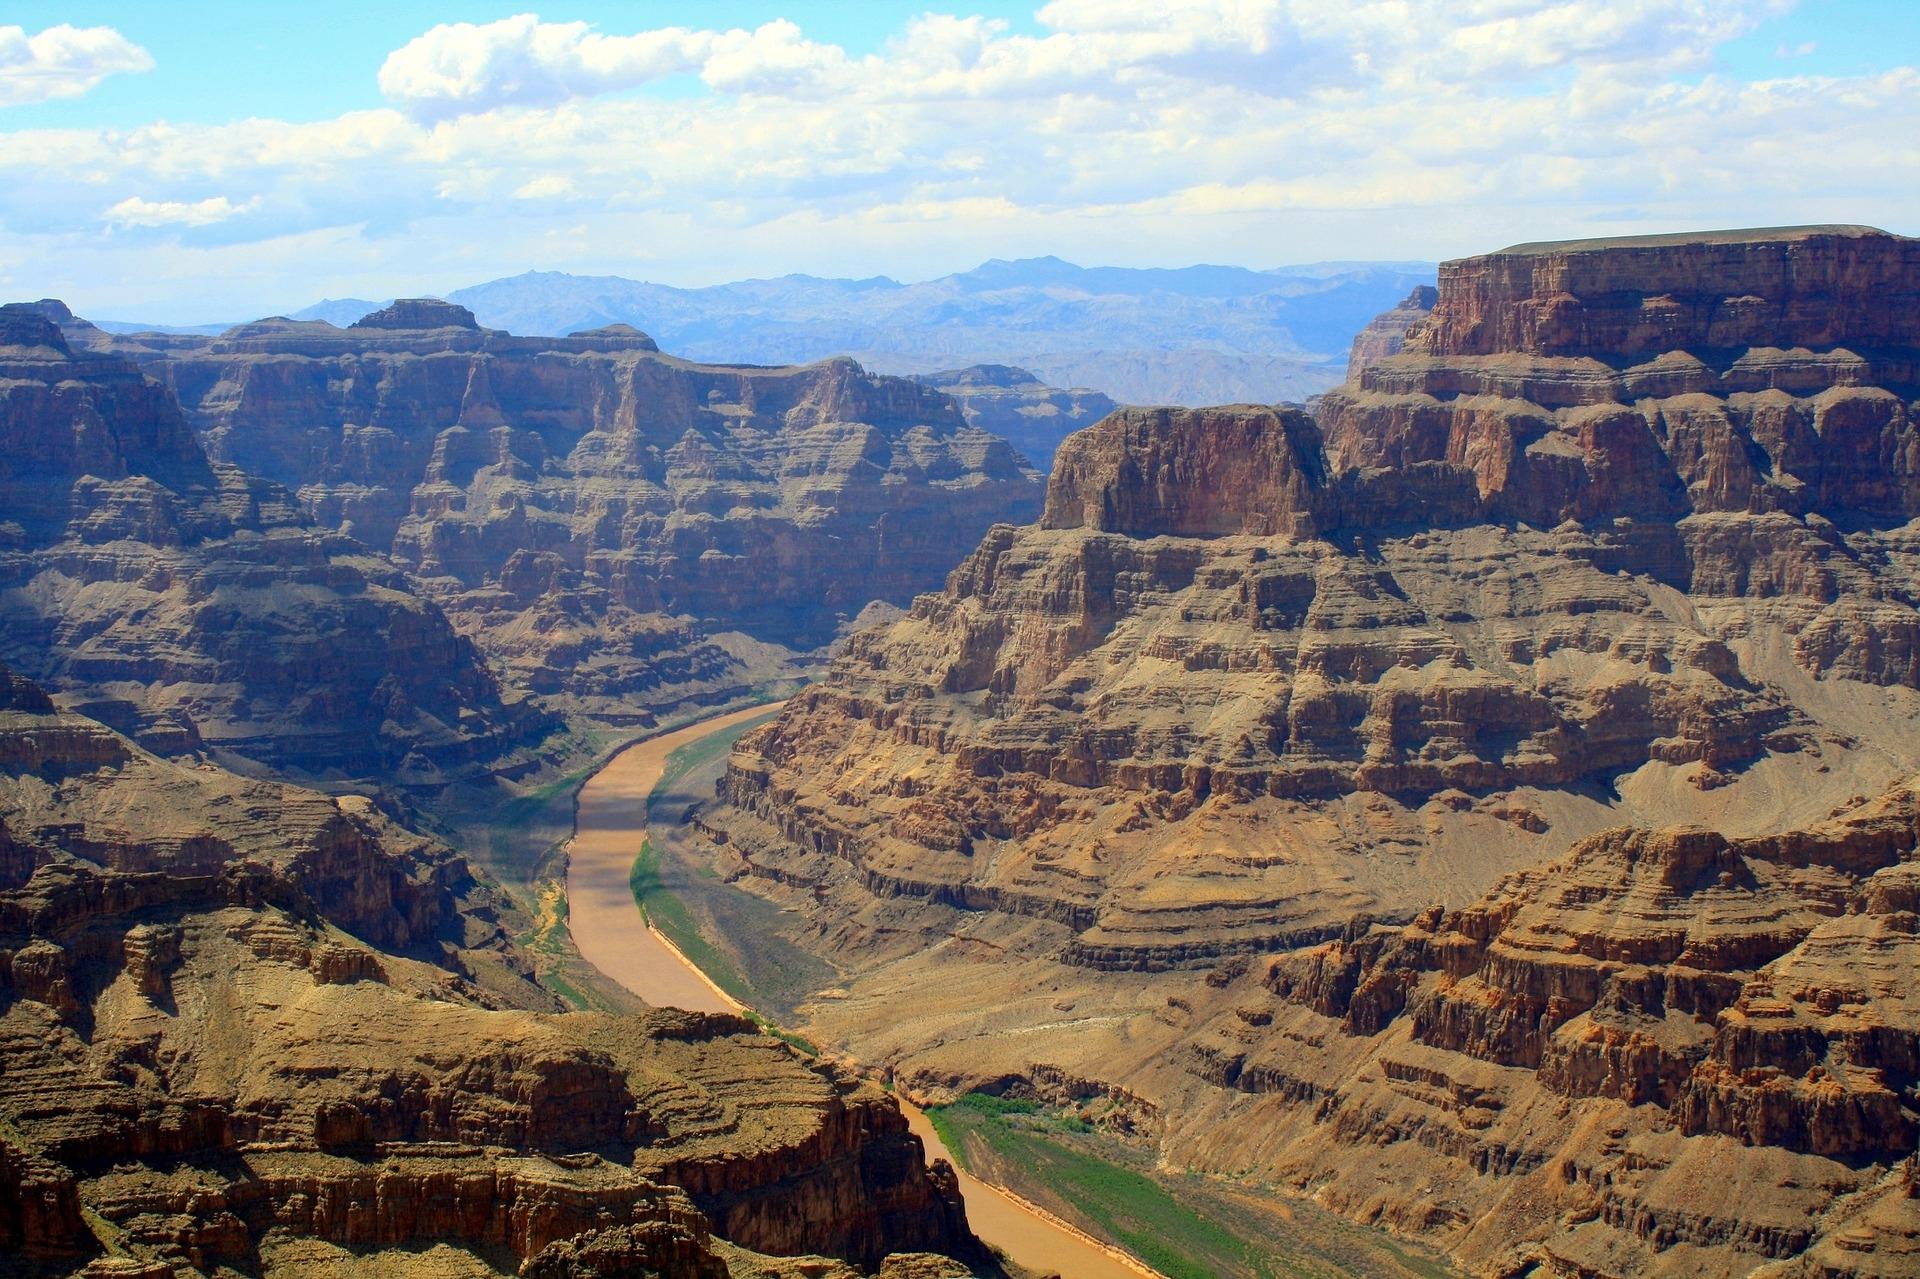 拍照有助於我們更好地記住大峽谷的奇景嗎?圖片來源:Pixabay